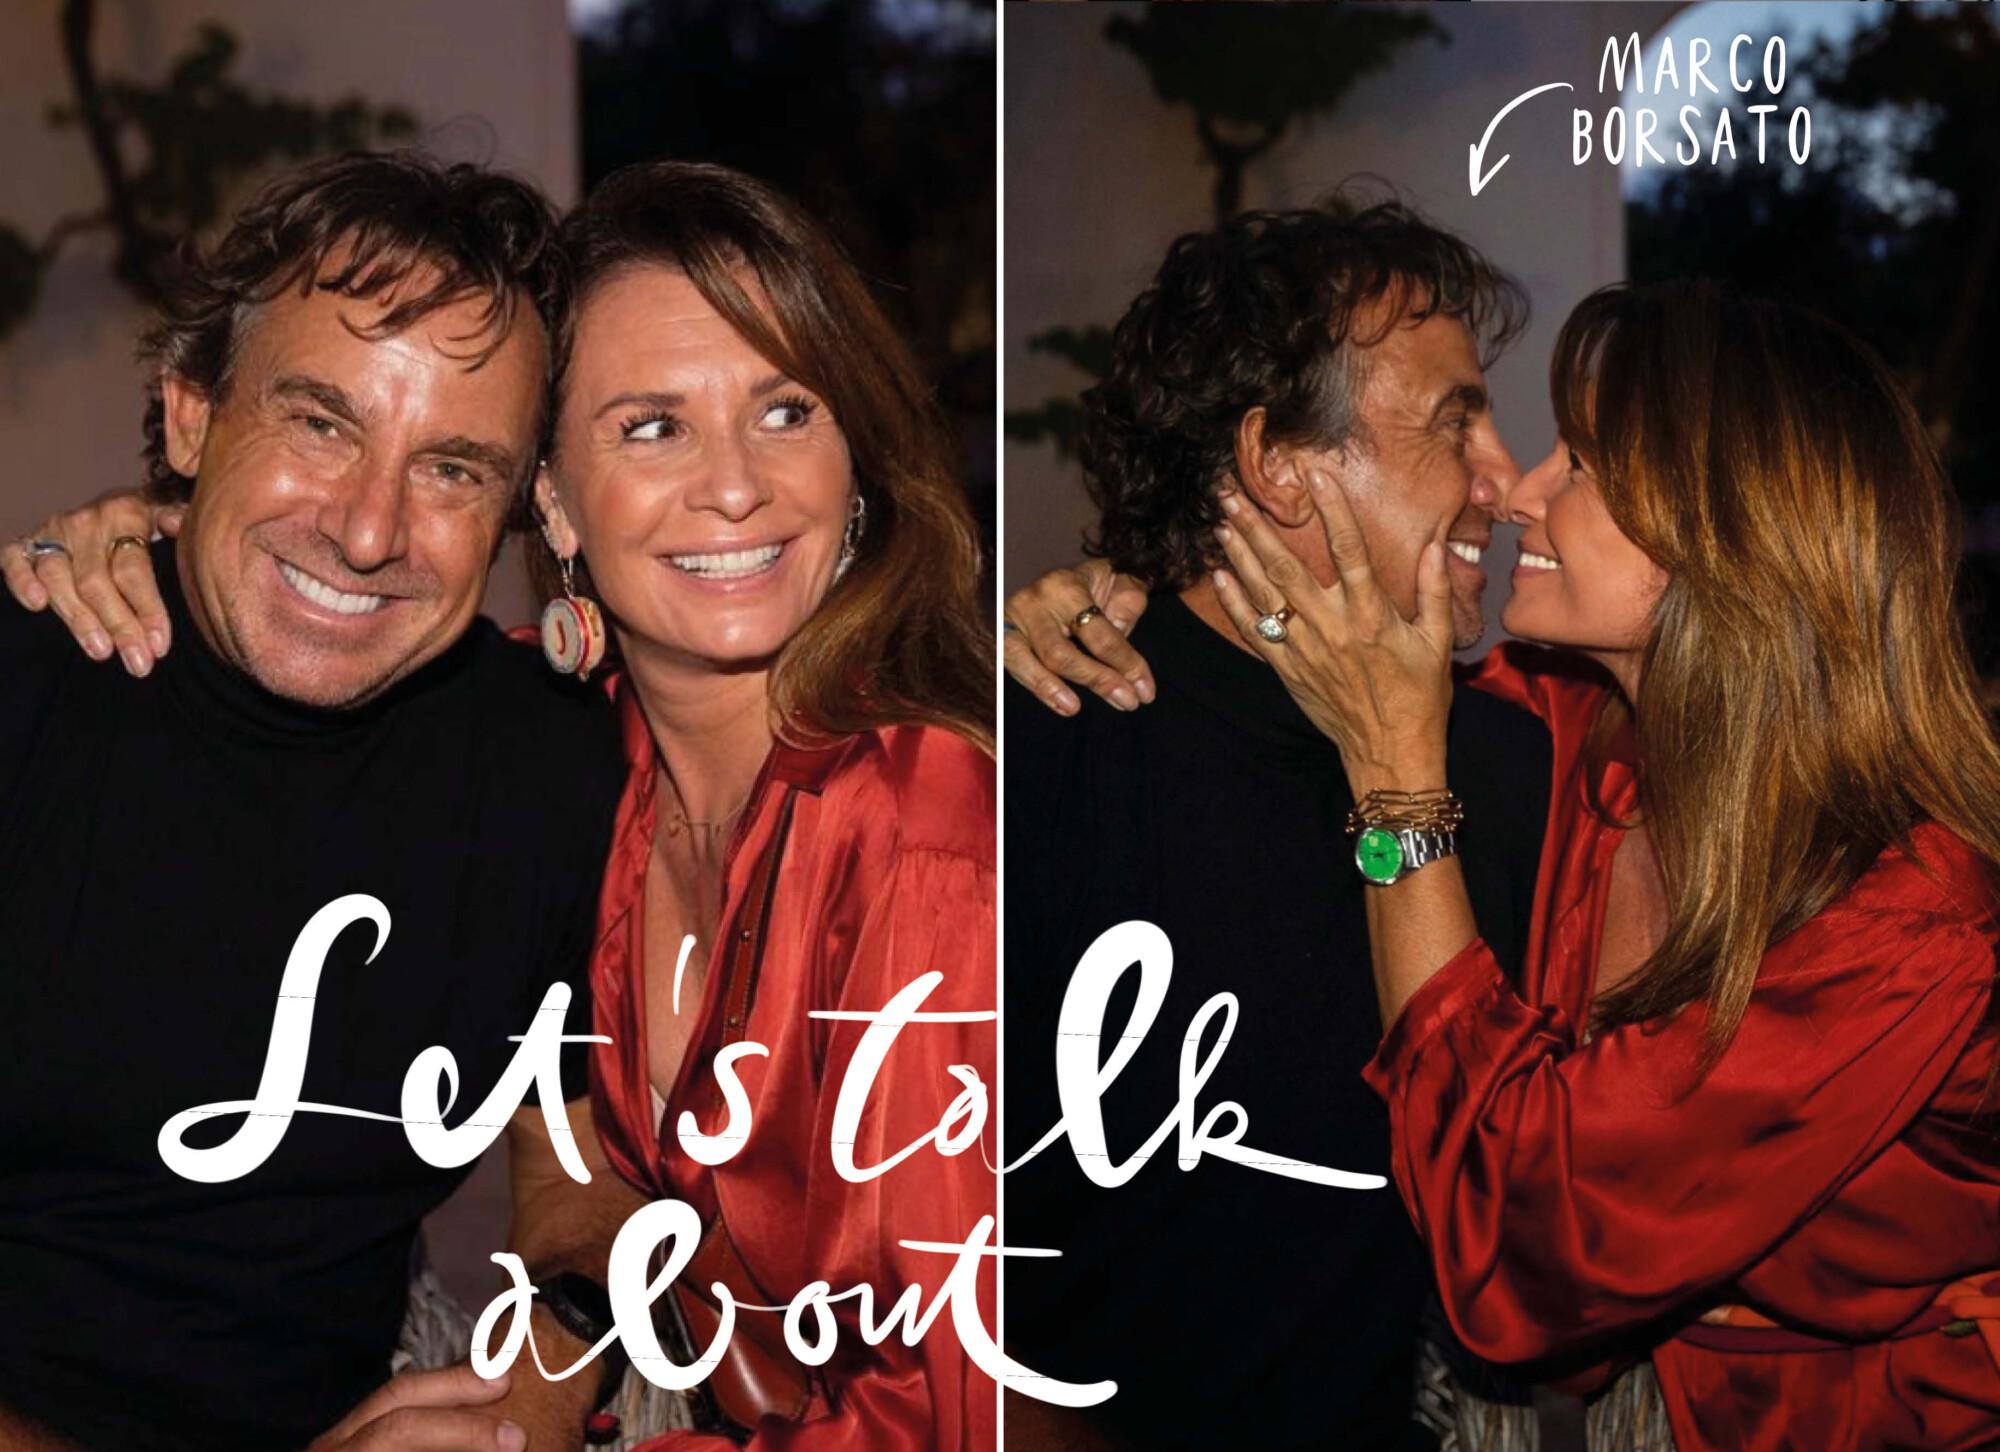 Marco Borsato vertelt: 'Scheiding is de grootste fout geweest'